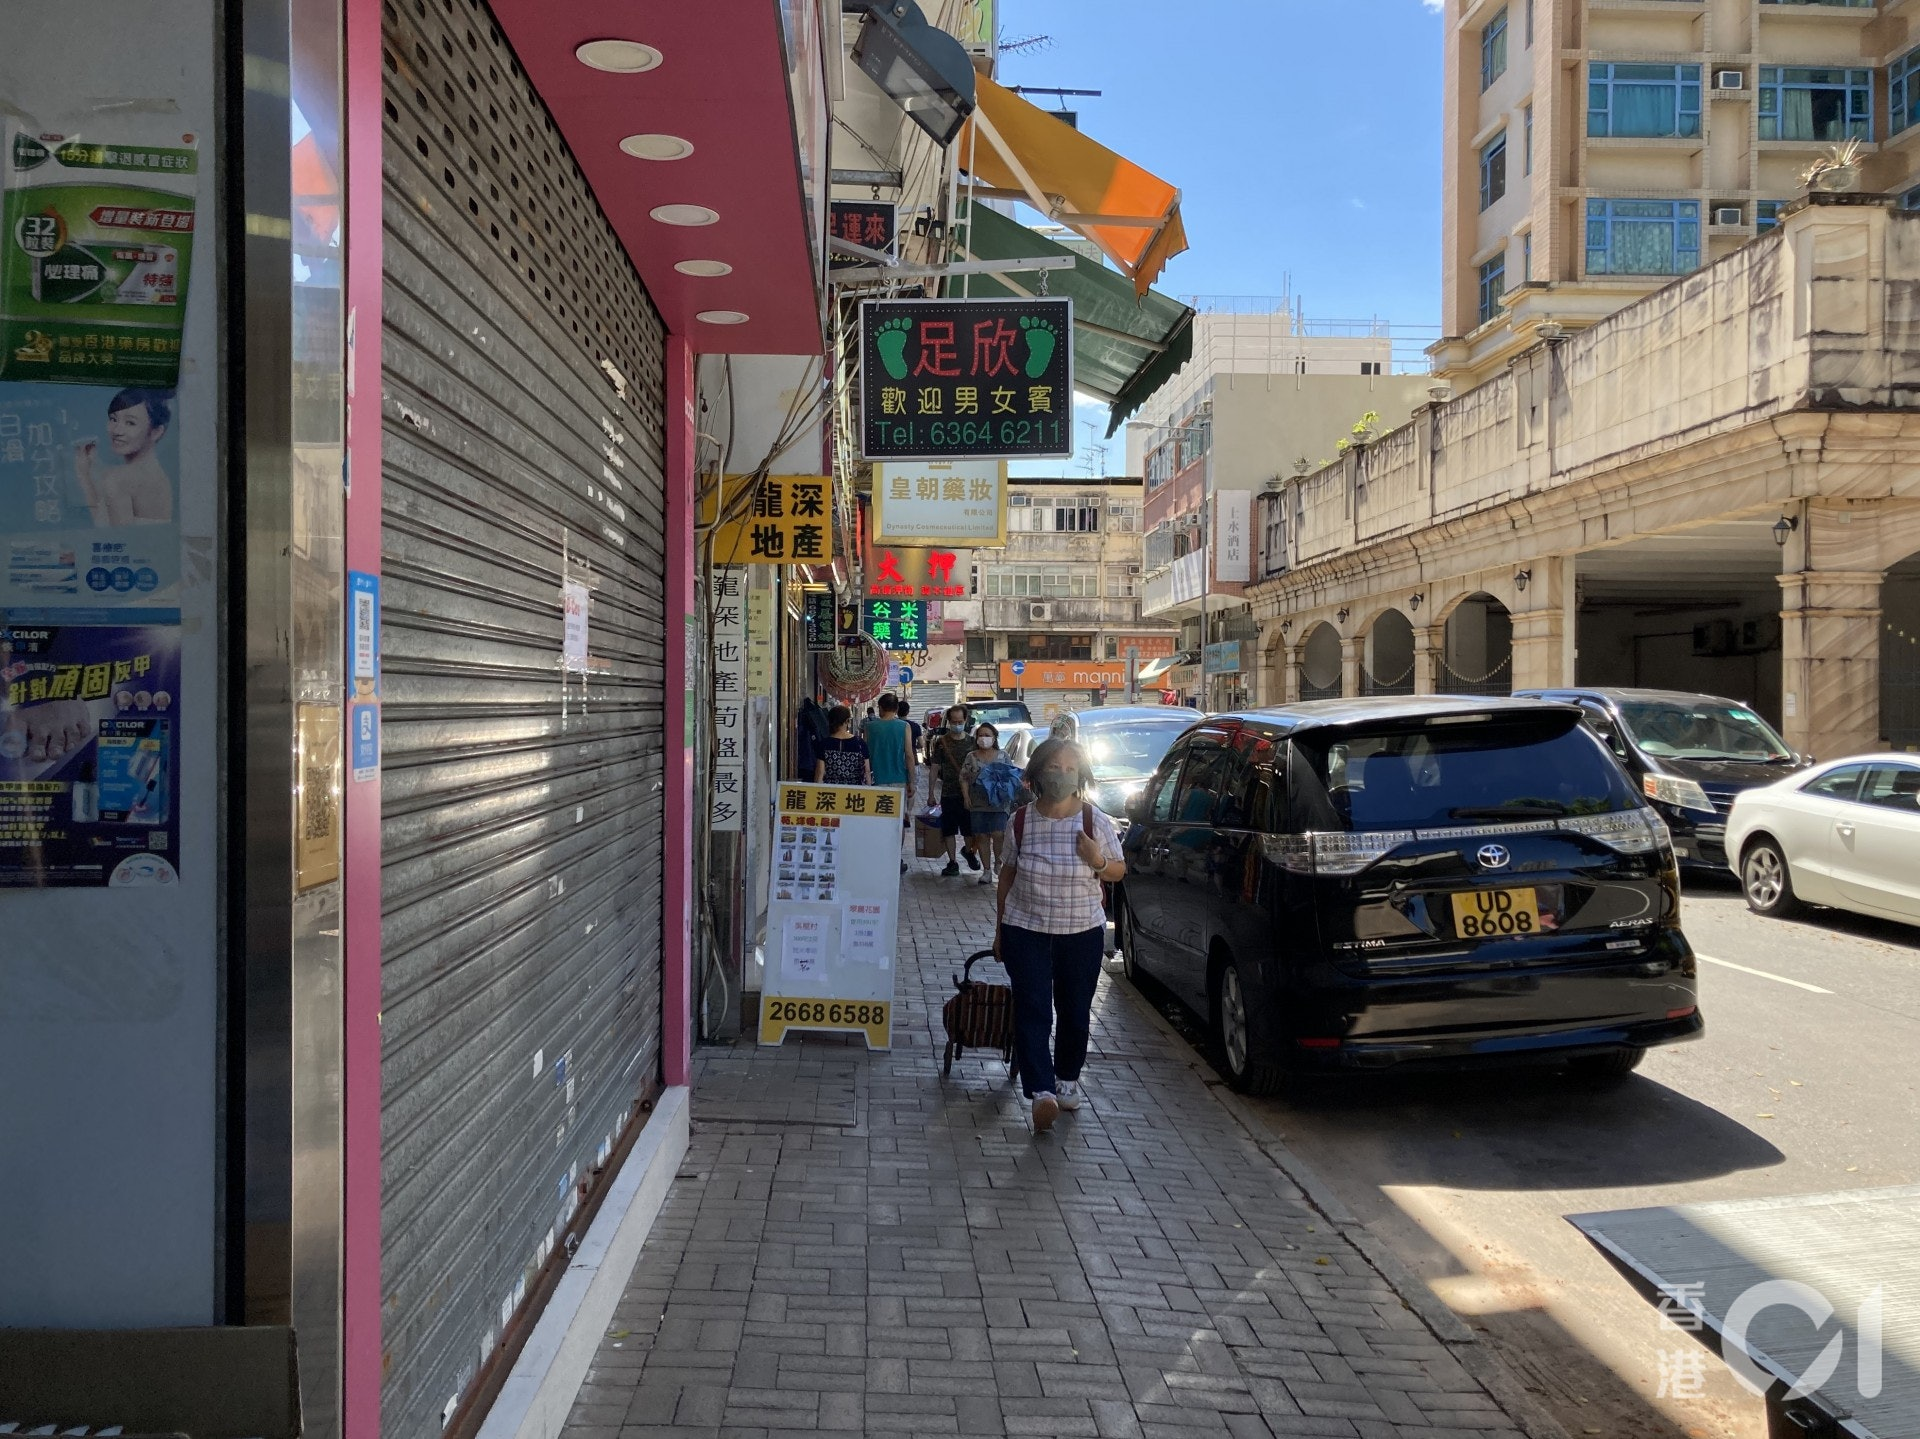 記者昨日(30日)到上水觀察,發現街道上人流稀少,將近一半的藥房、化妝品店、兌換店已倒閉,亦有部分在鐵閘外貼上暫停營業的告示。(歐陽德浩攝)